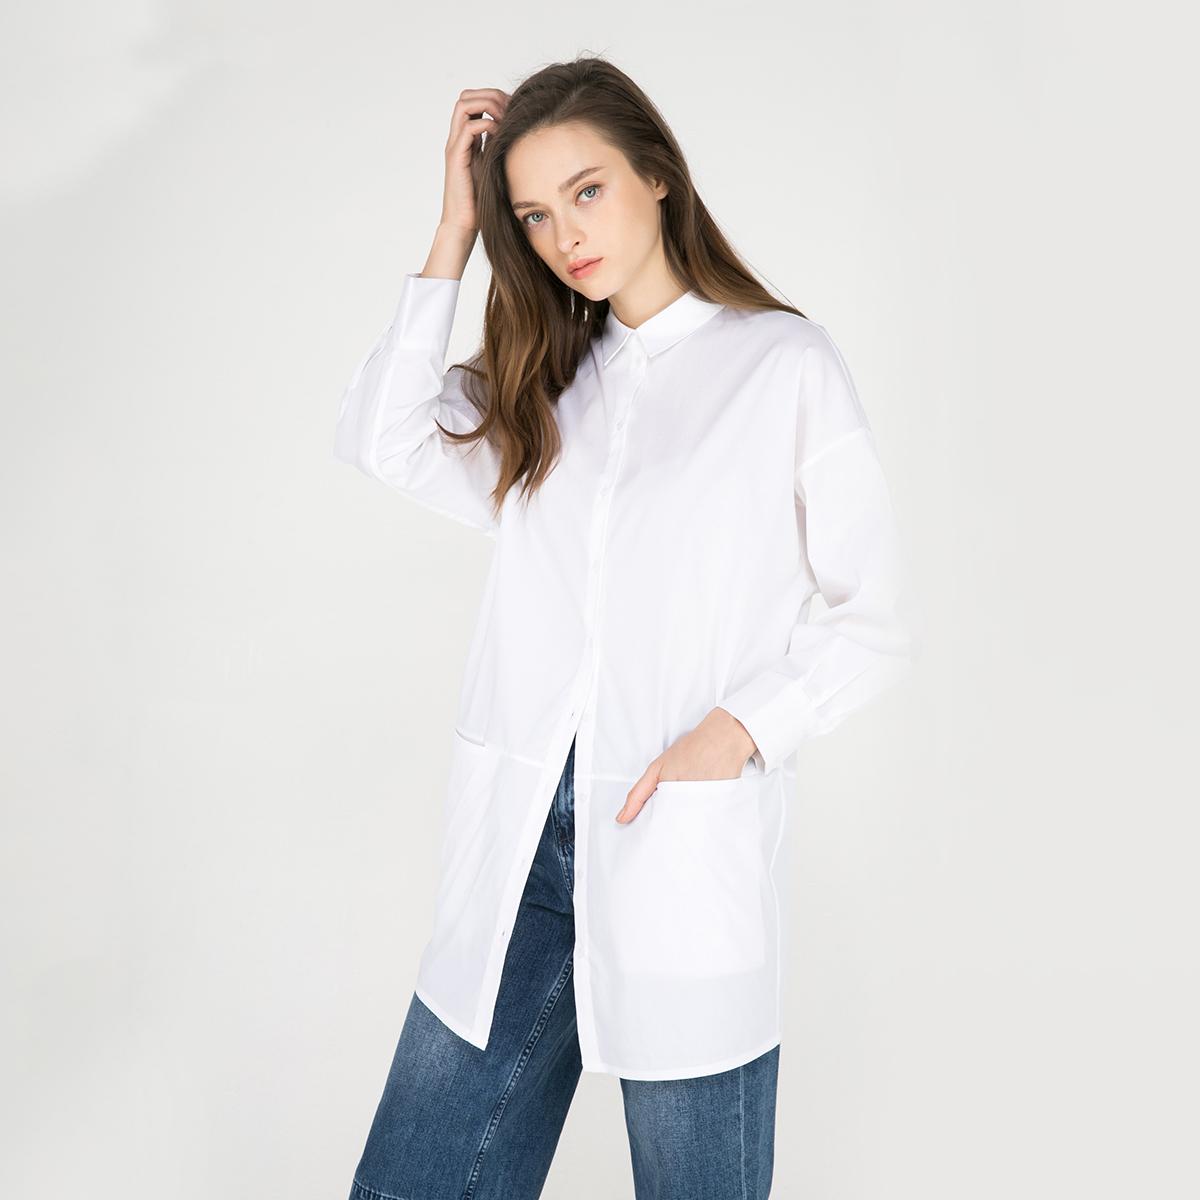 白色衬衫 ONLY早春新品含棉面料拼接宽松长款衬衫女-116305512_推荐淘宝好看的白色衬衫